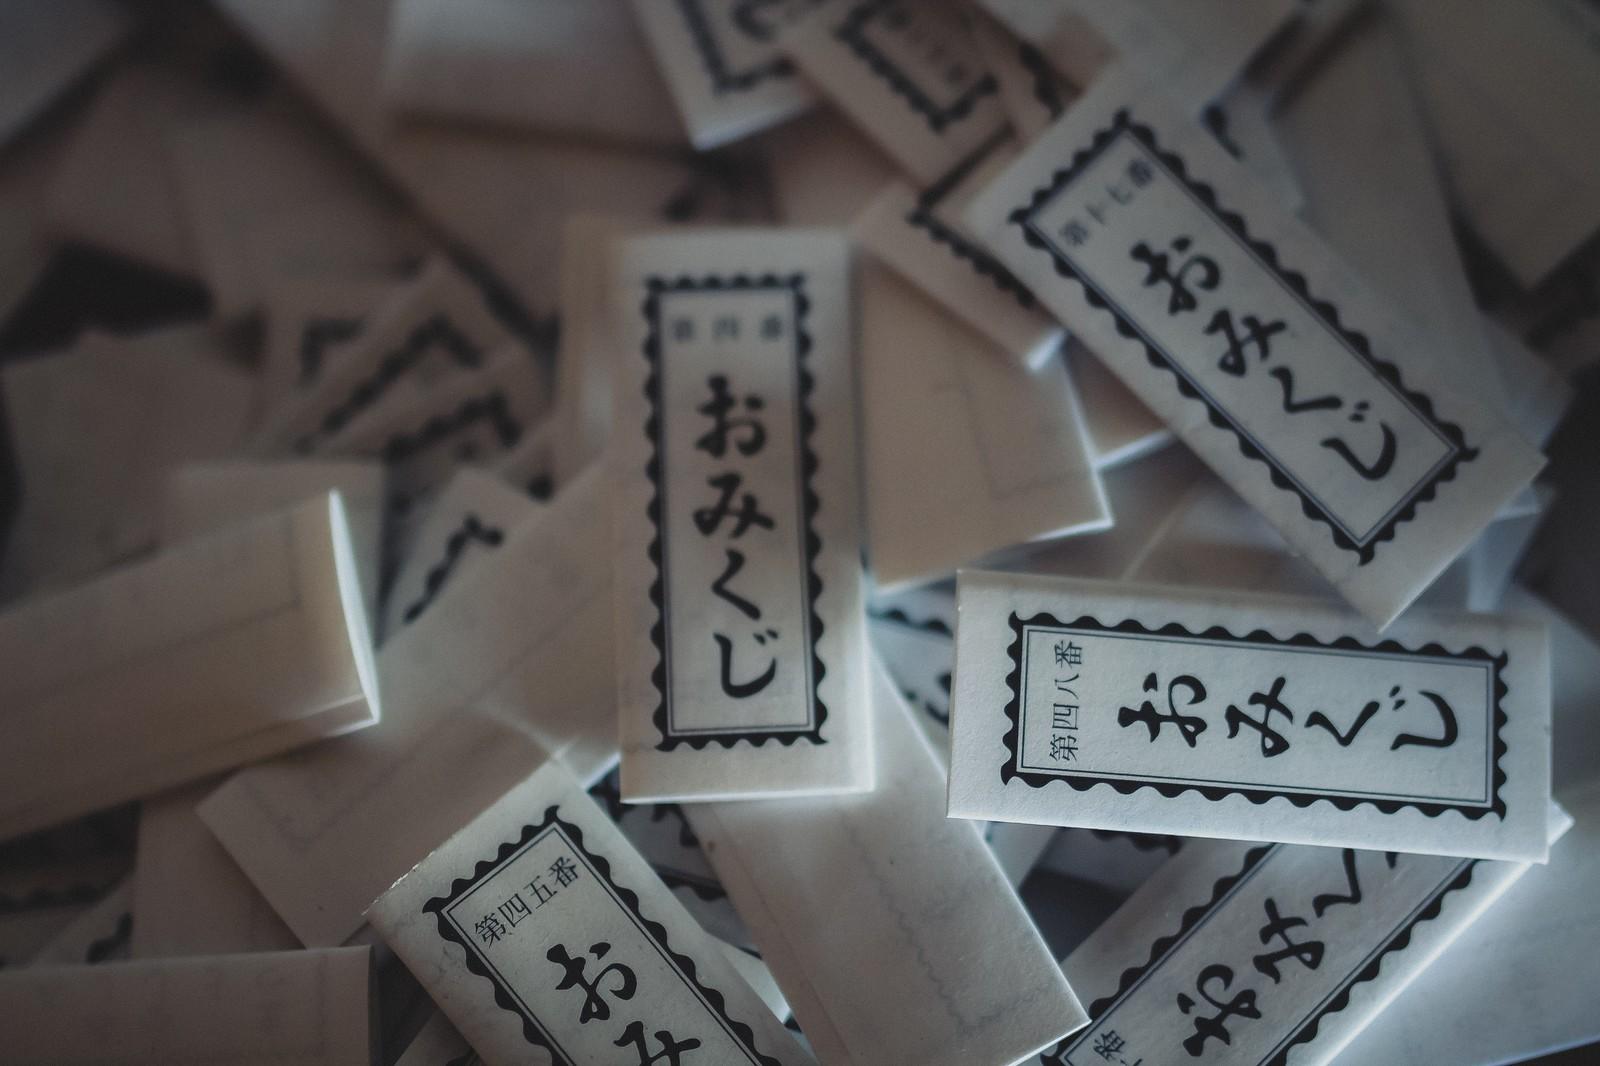 金櫻神社は山梨の人気パワースポット!御朱印やご利益についても紹介!